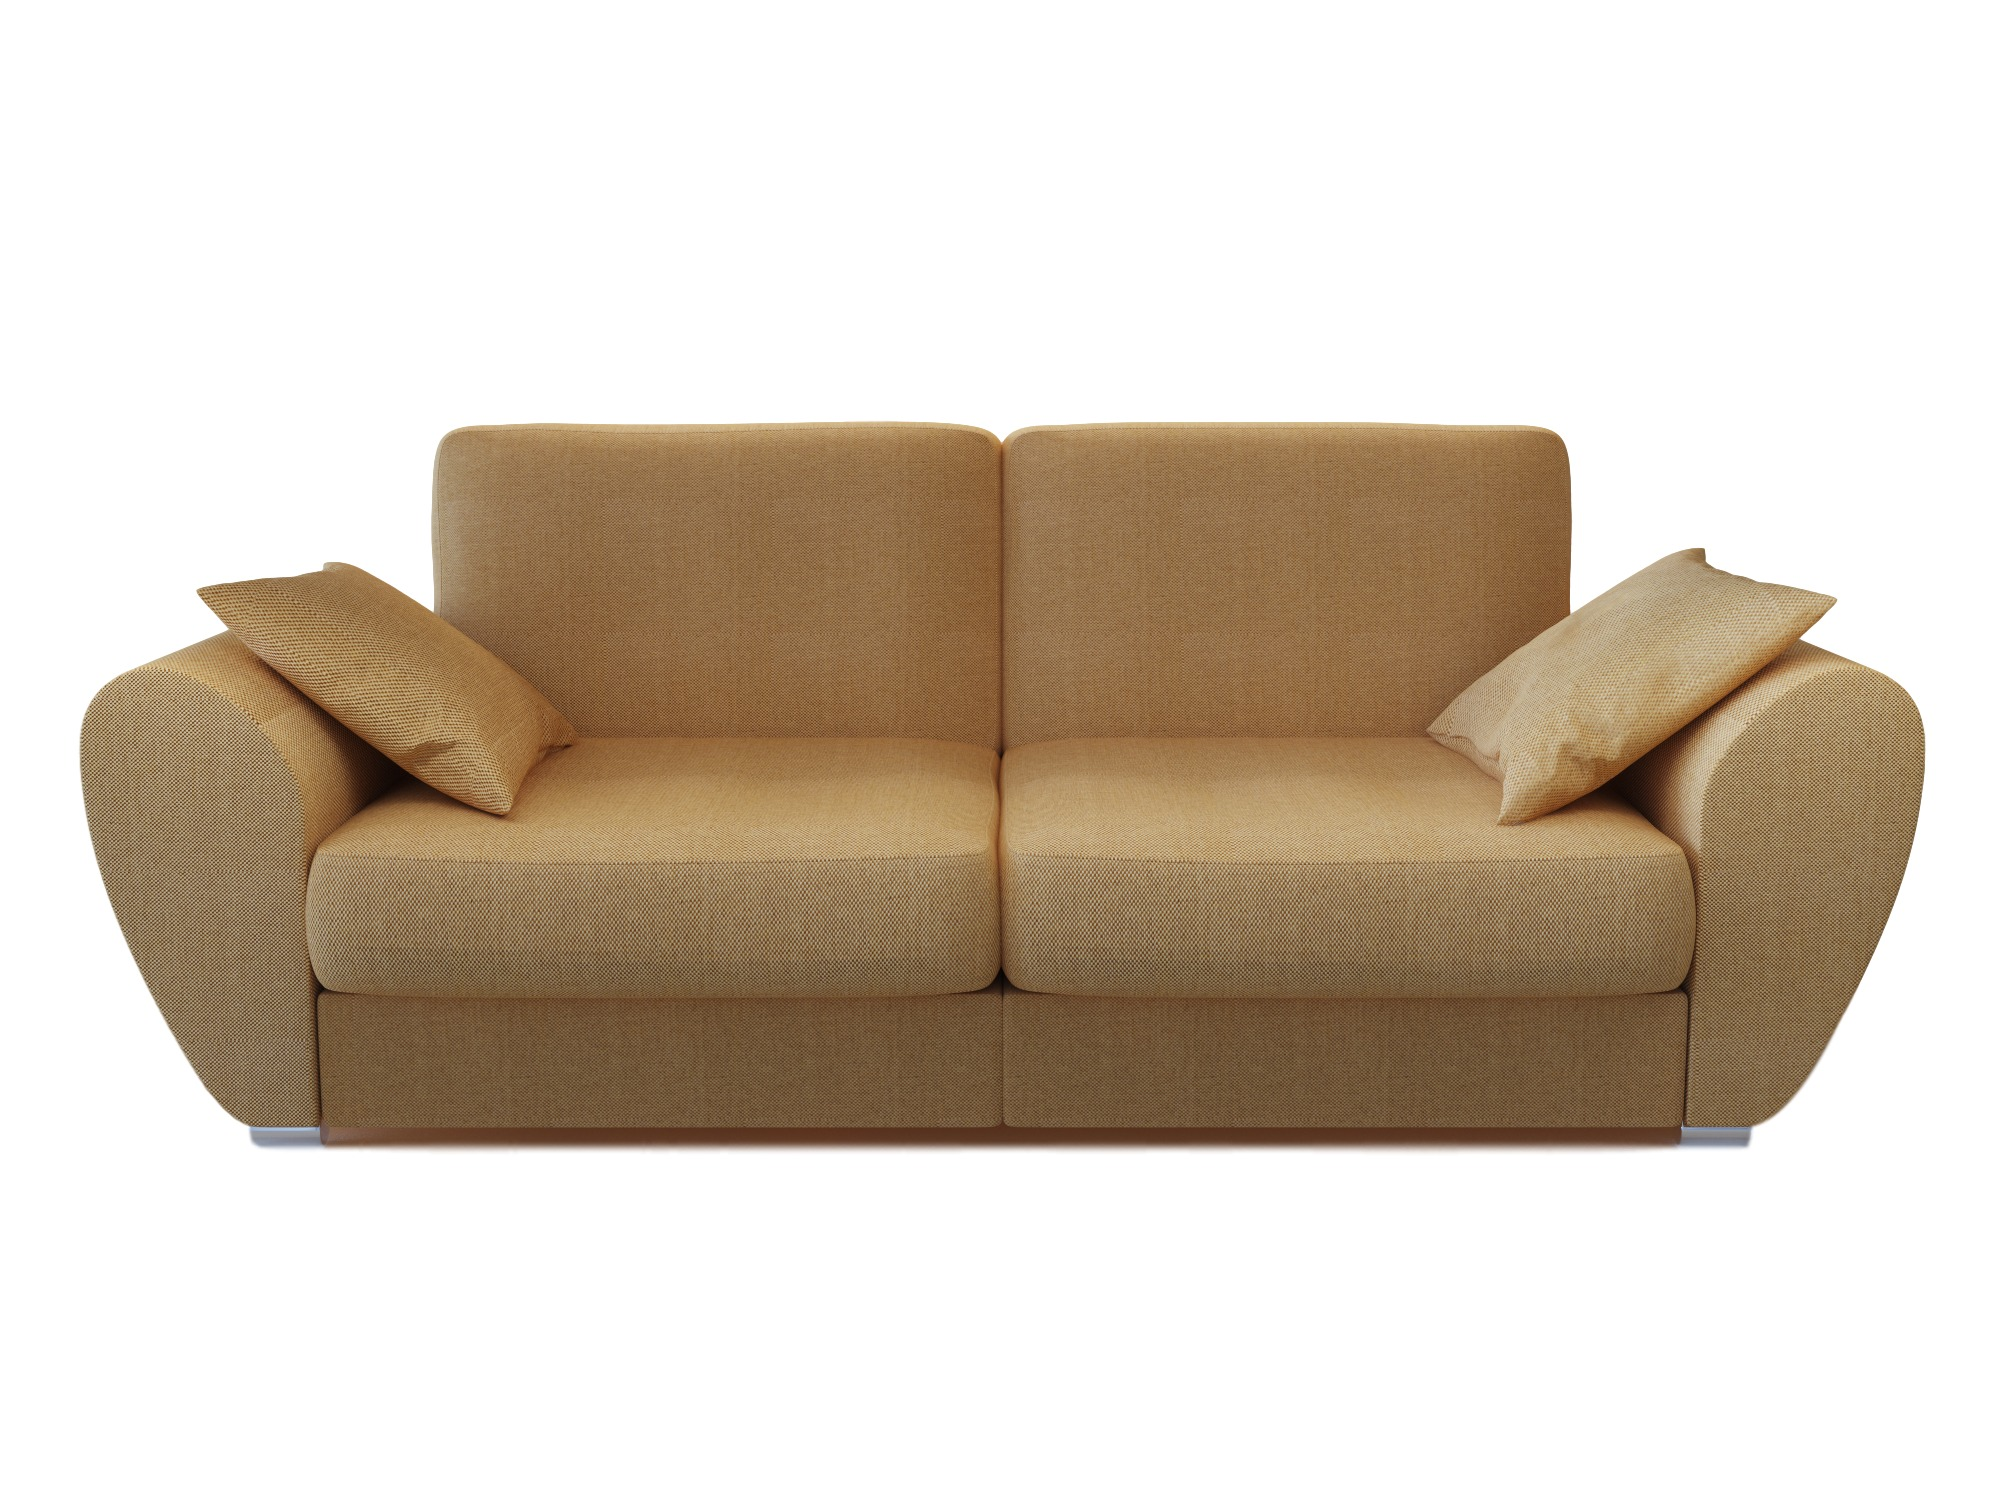 Диван-кровать CataloniaПрямые раскладные диваны<br>С этим диваном вы не сможете поставить точку в отношениях! Его причудливые подлокотники в форме запятых точно не оставят вас равнодушным! Он в свою очередь будет служить вам и как диван для отдыха, и как удобная кровать, с которой не захочется расставаться!Диван-кровать с раскладным механизмом Лотос.Размеры спального места: 200х120, 200х140, 200х160 смМатериал корпуса: фанера, брусМатериал обивки: полиэстер, 40000 цикловВозможность исполнения в другом материале обивкиДополнительные опции: ящик из ЛДСП 3960р, ножки (дерево или хром) 2141р.<br><br>kit: None<br>gender: None